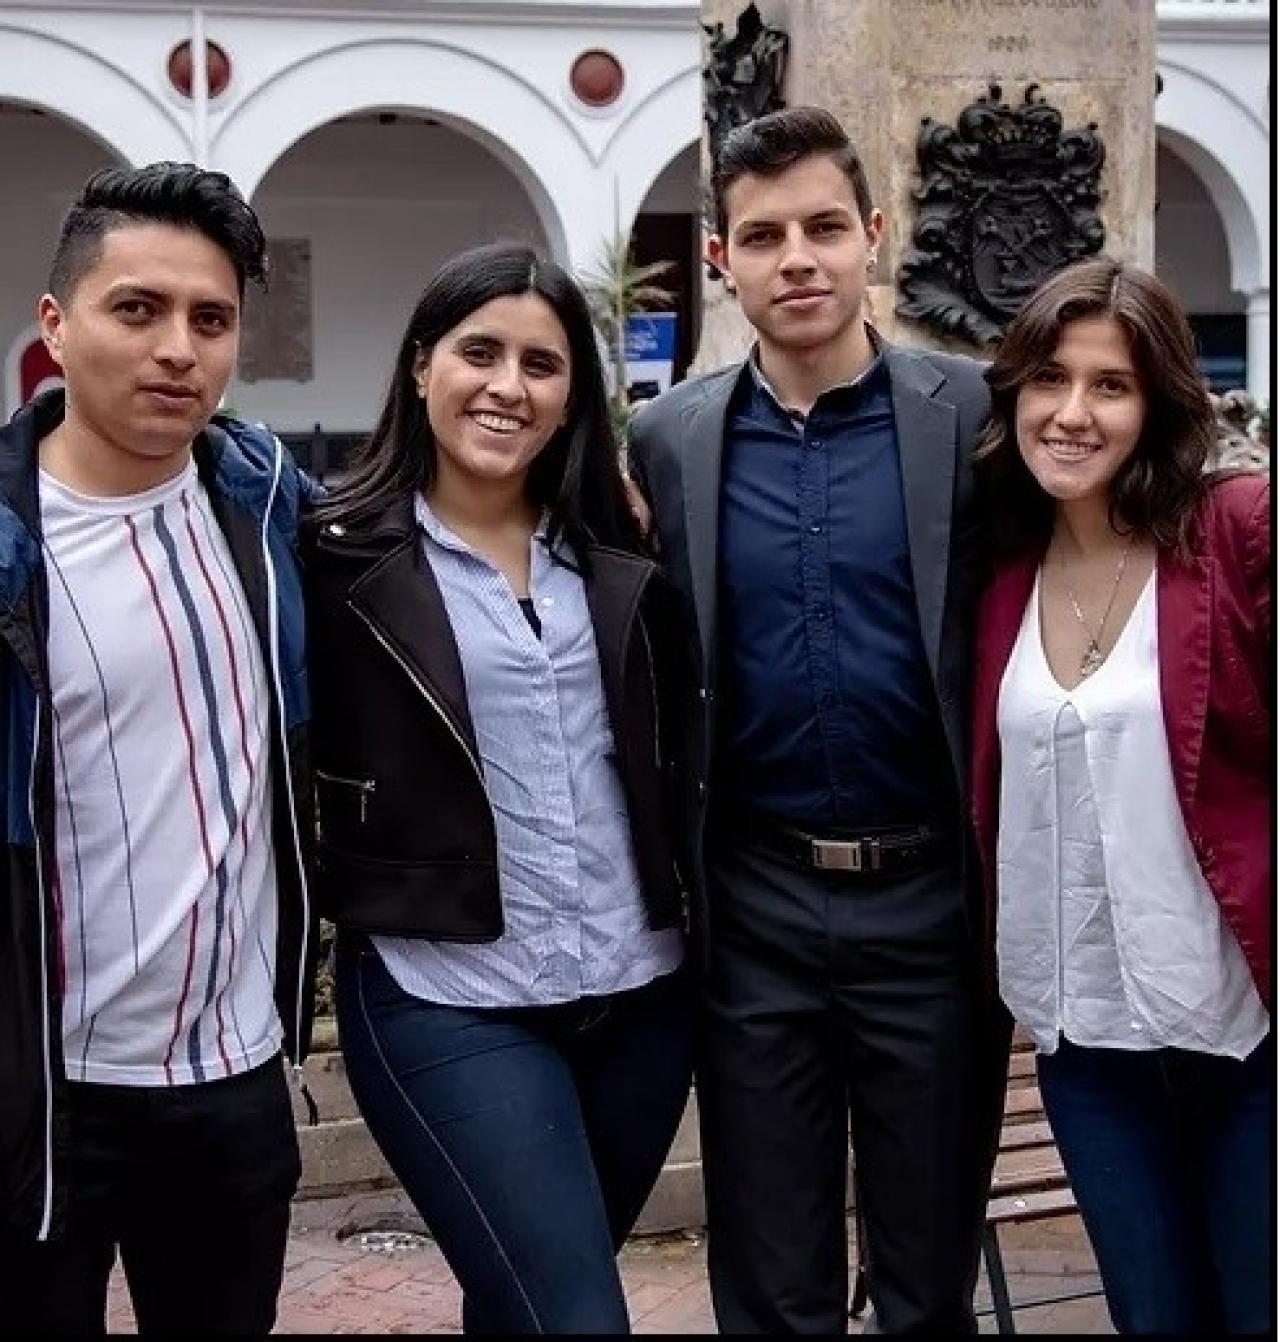 La fuga de cerebros hace perder el talento humano que Colombia tanto necesita